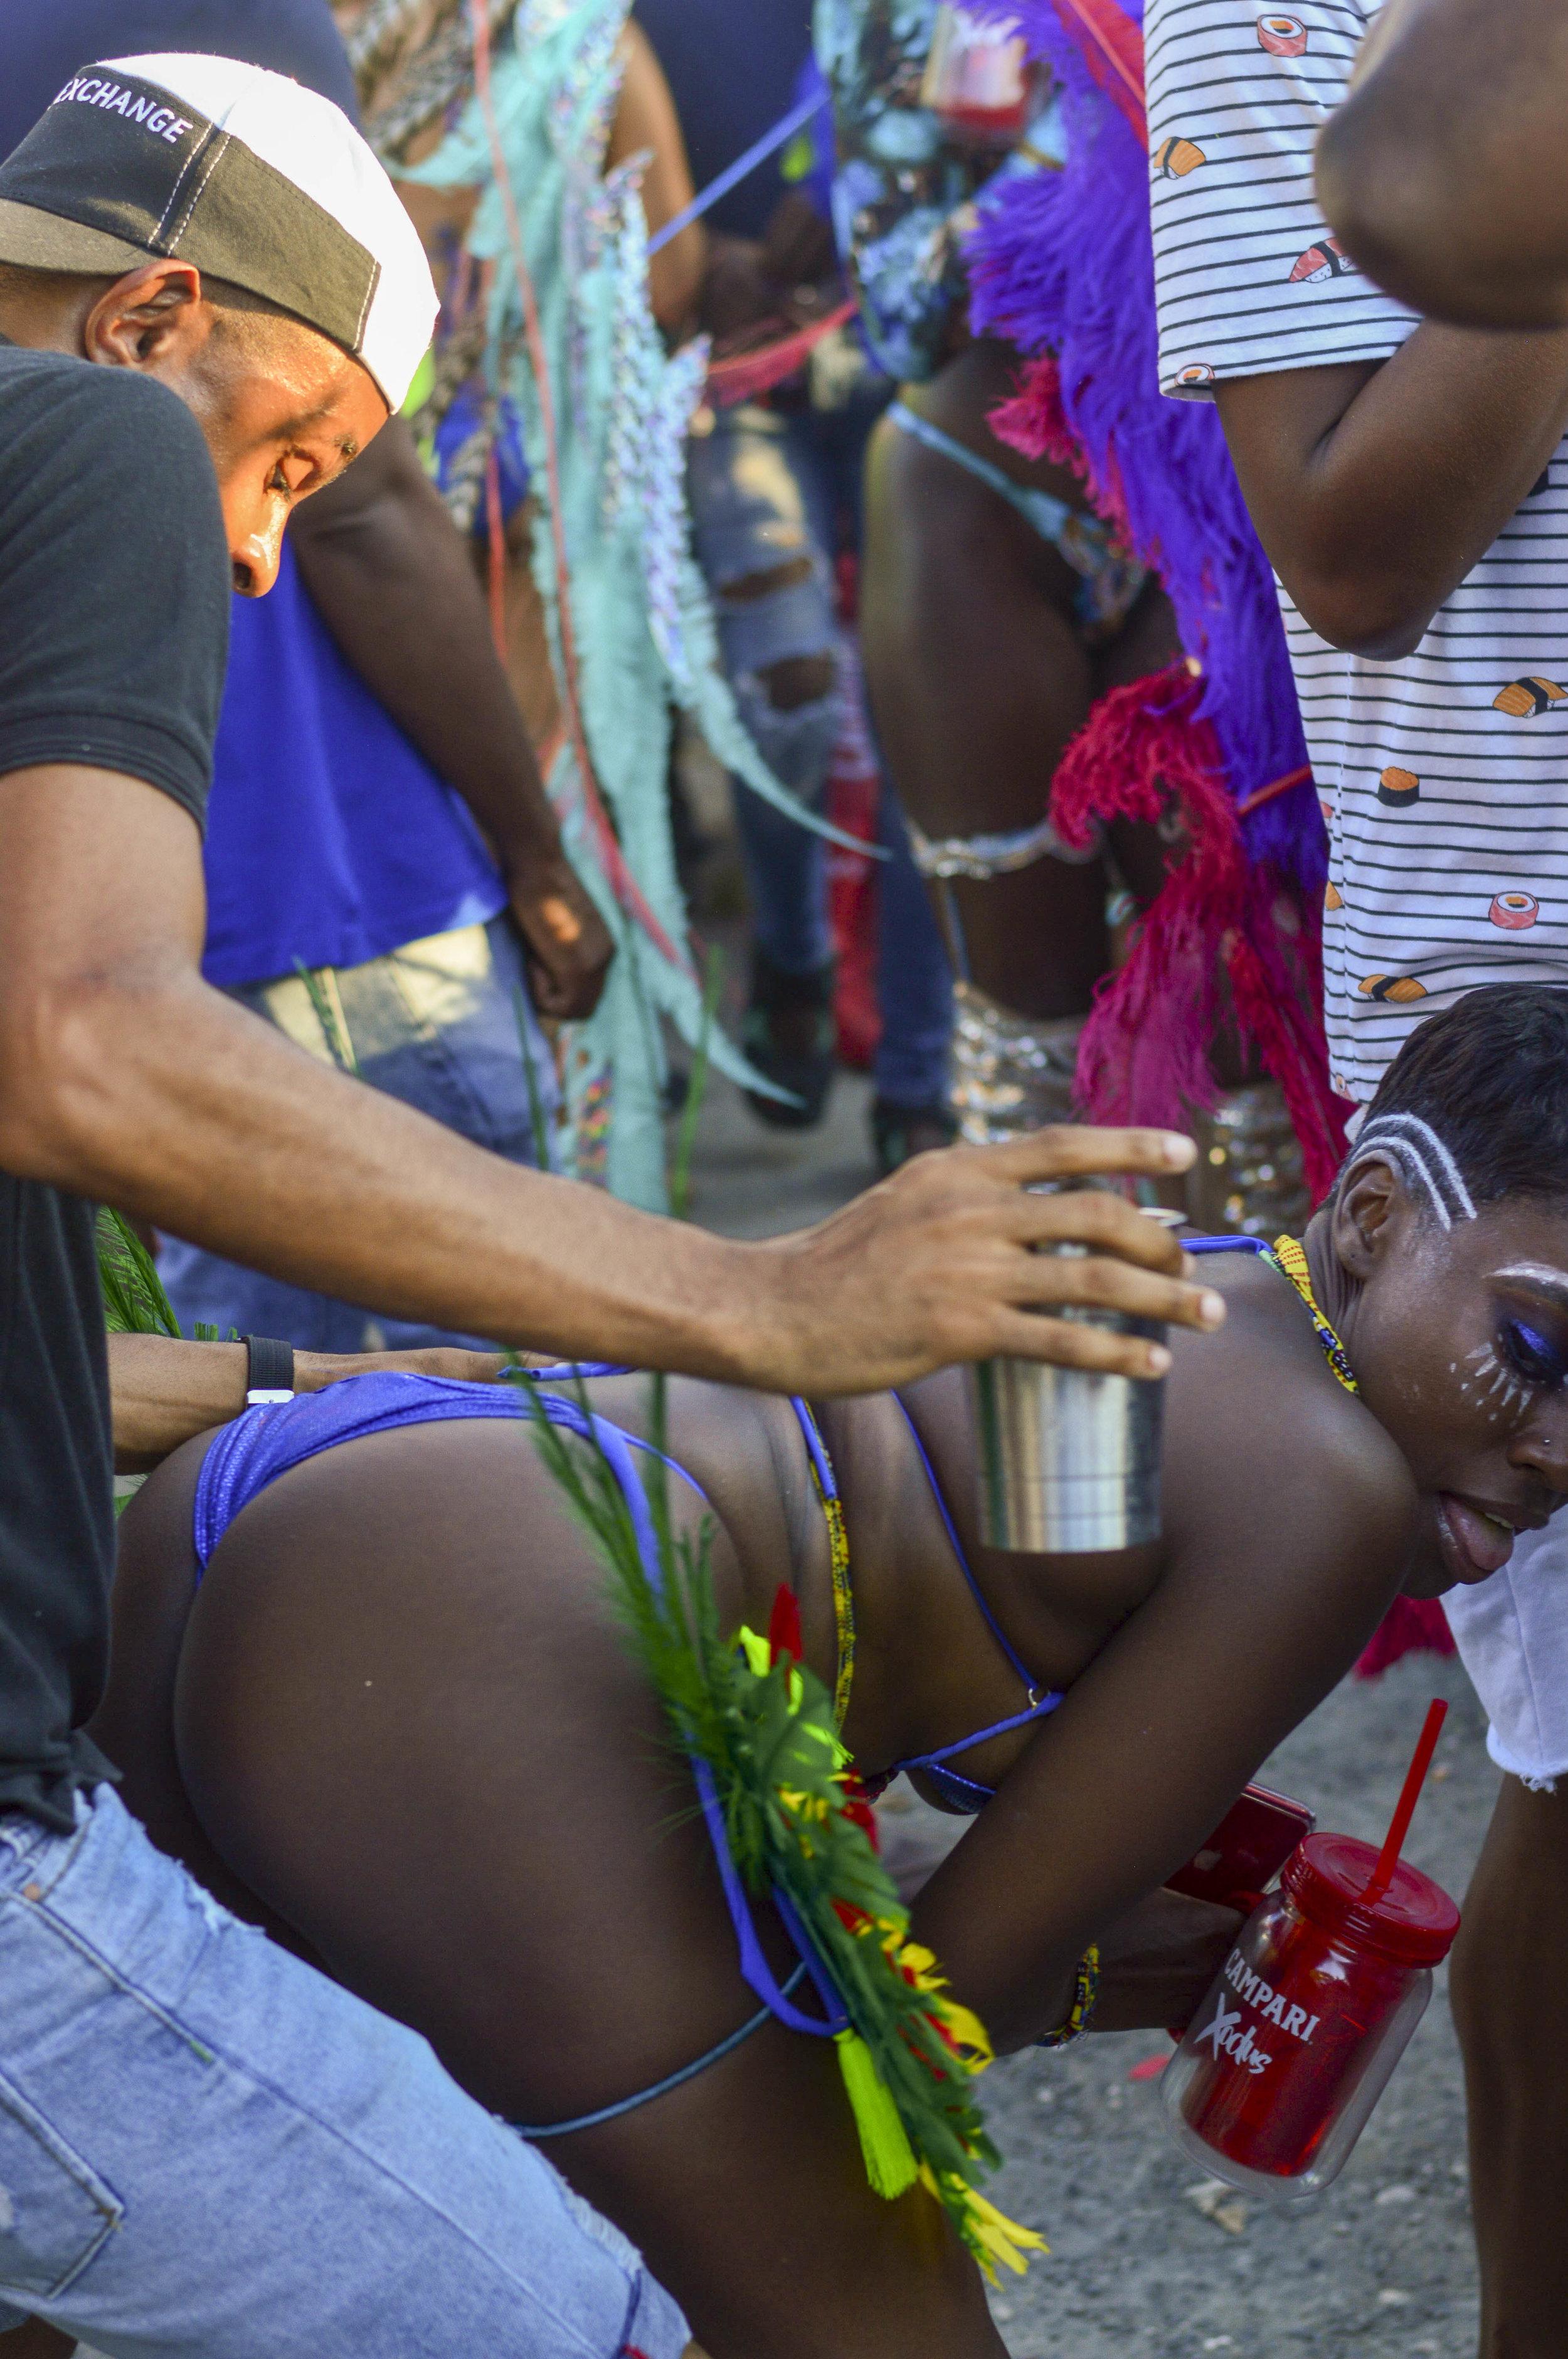 carnival2019_jeanalindo-24.jpg